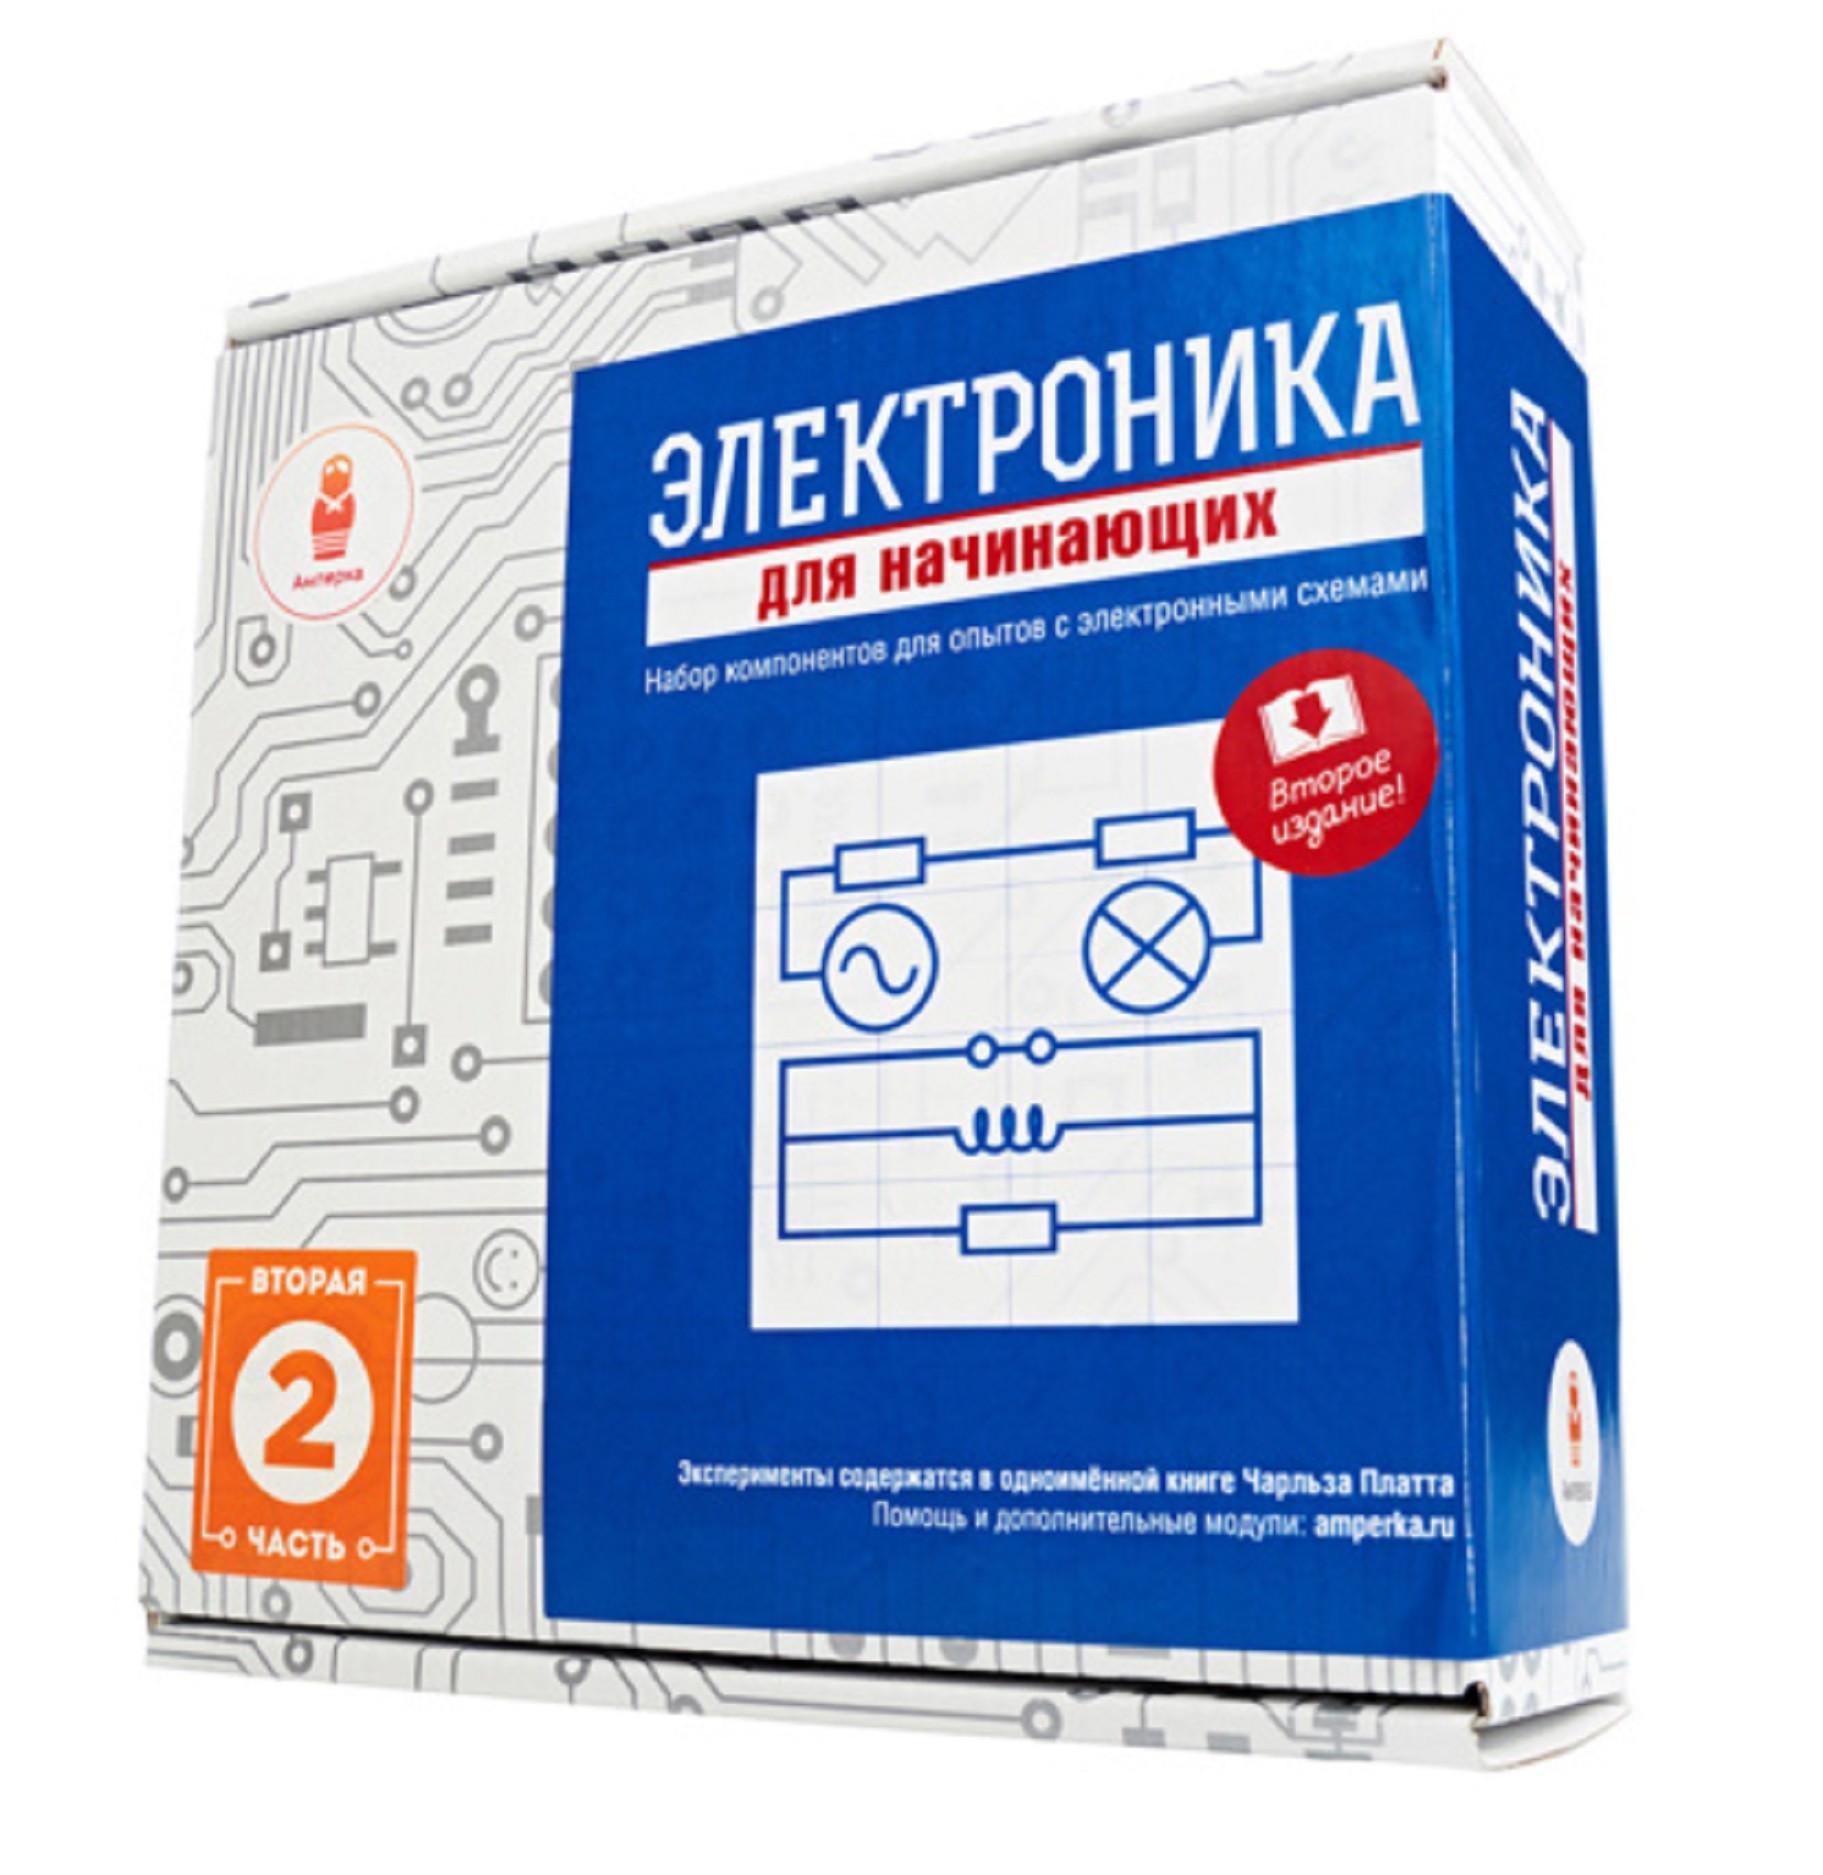 Купить Электроника для начинающих (набор компонентов, часть 2) в MotionLamps.ru